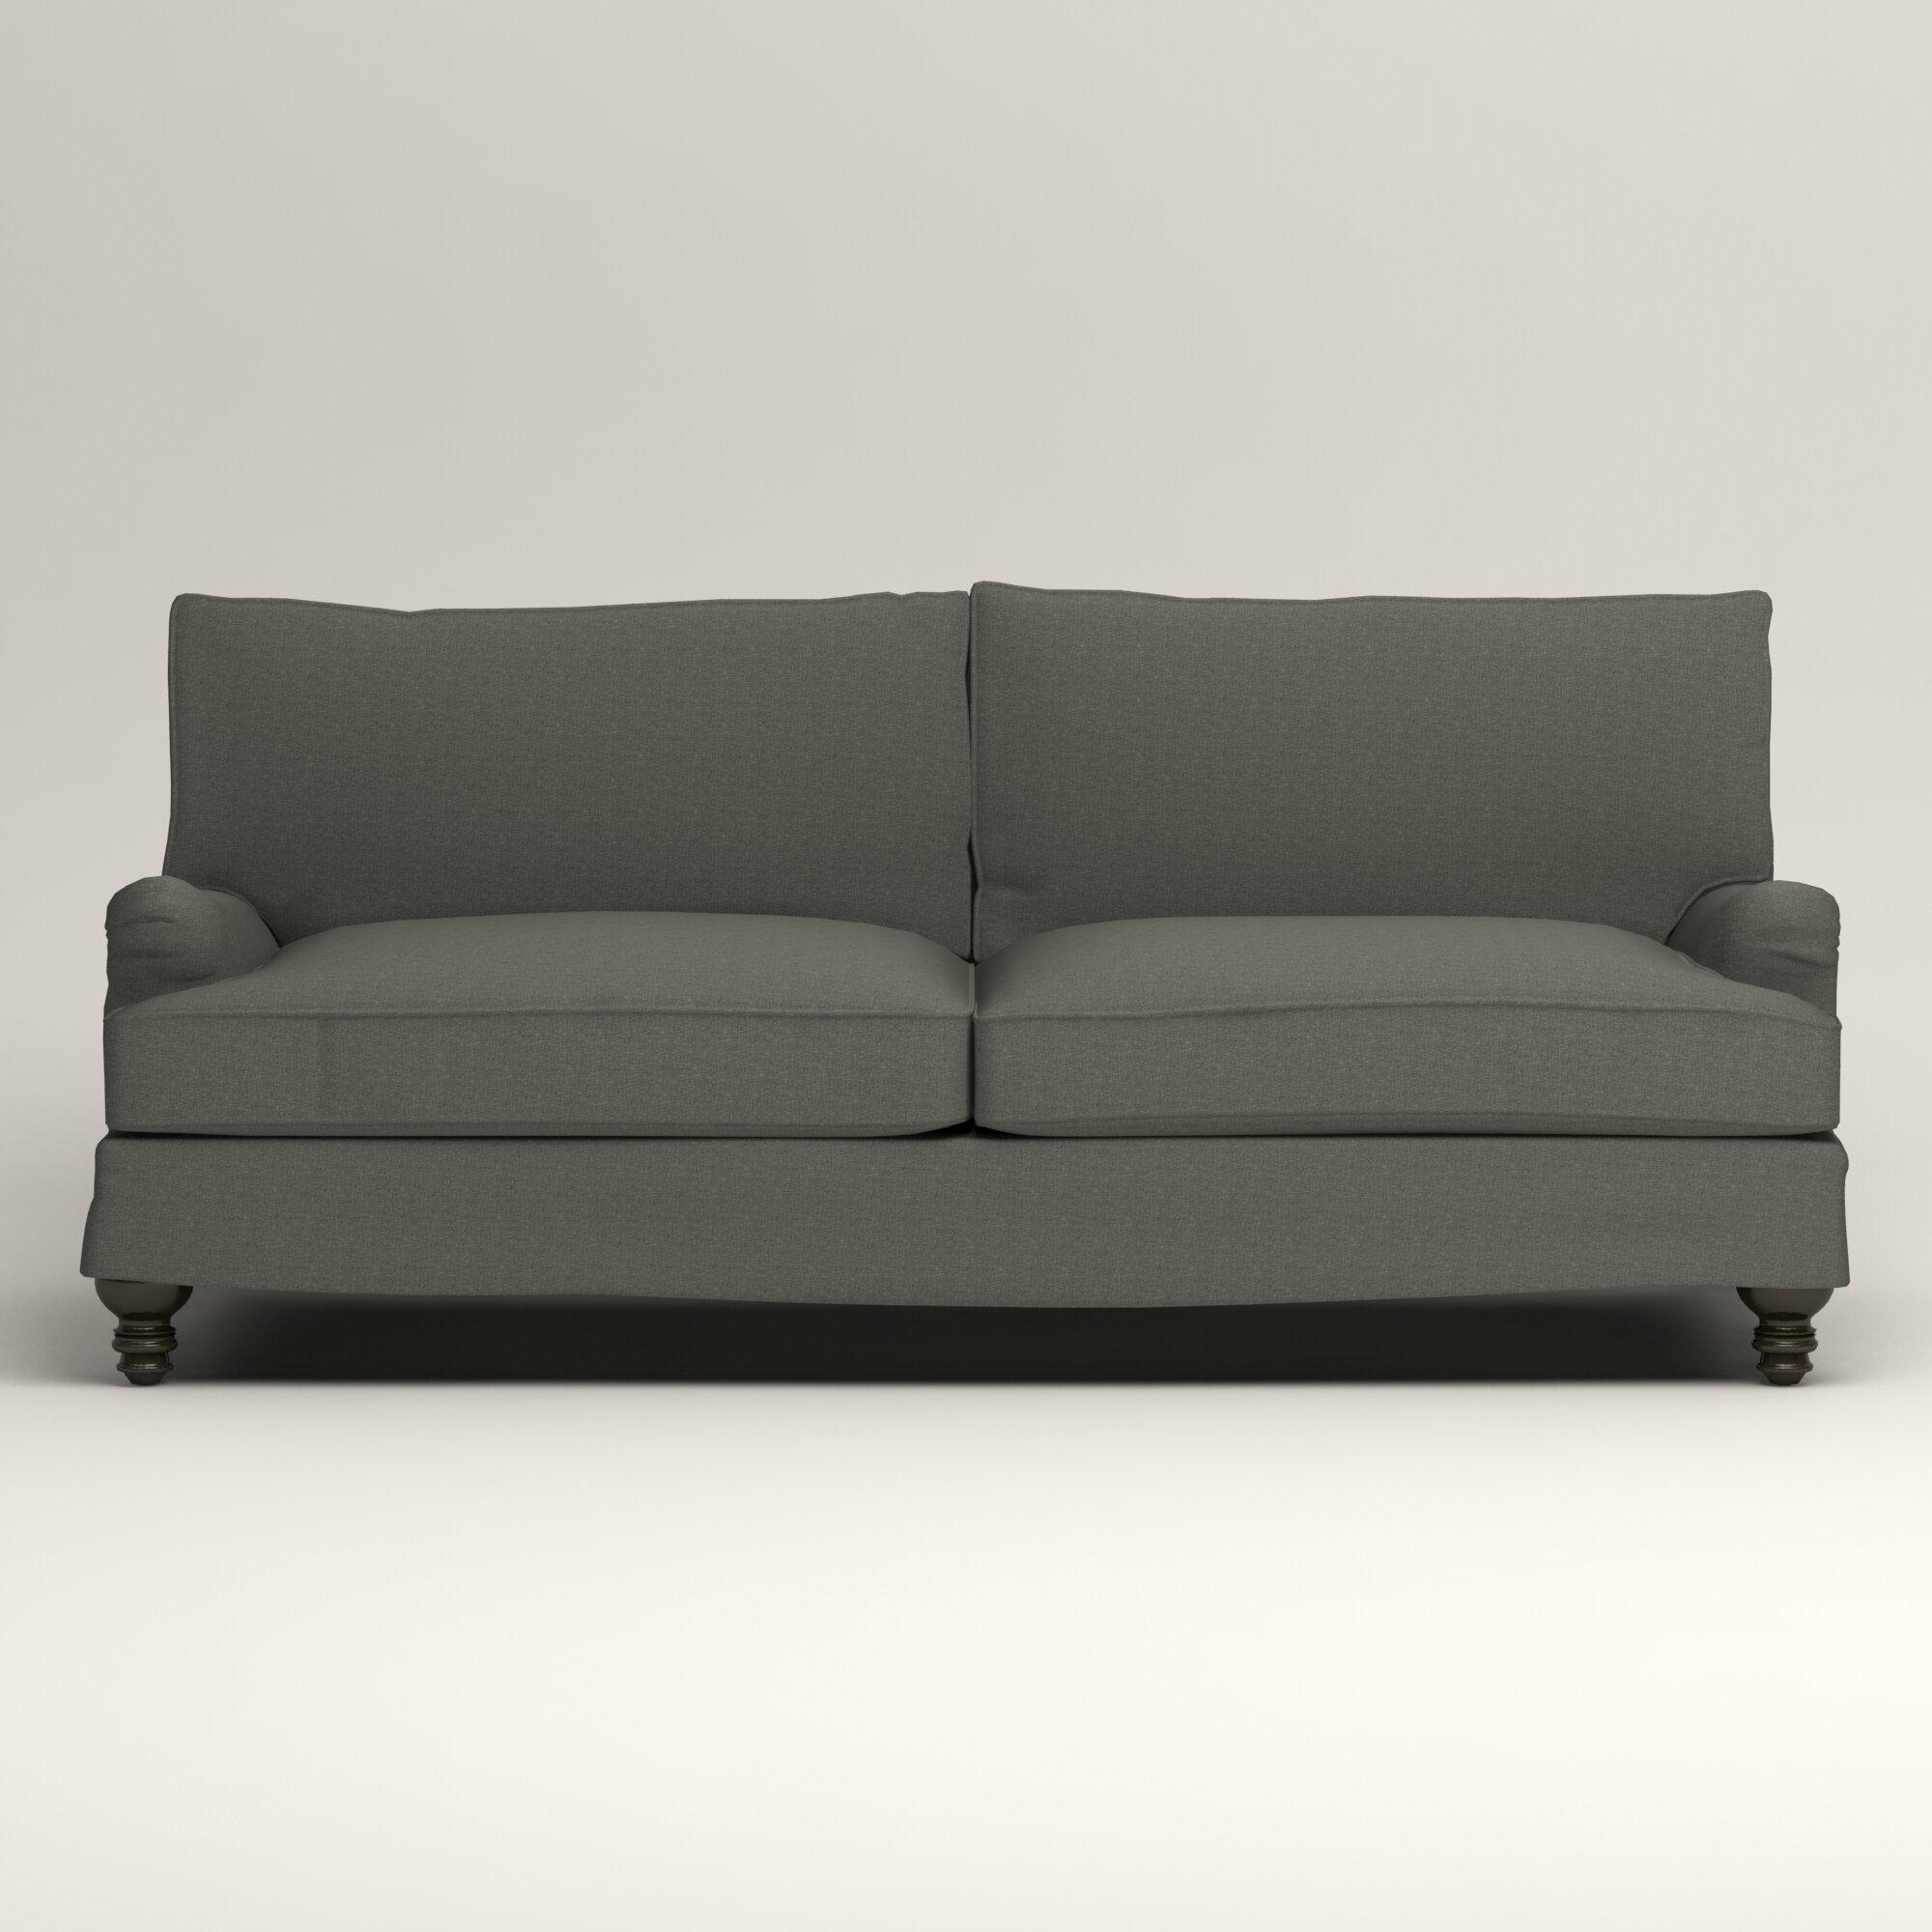 Slipcover Sofa Bed hmmi